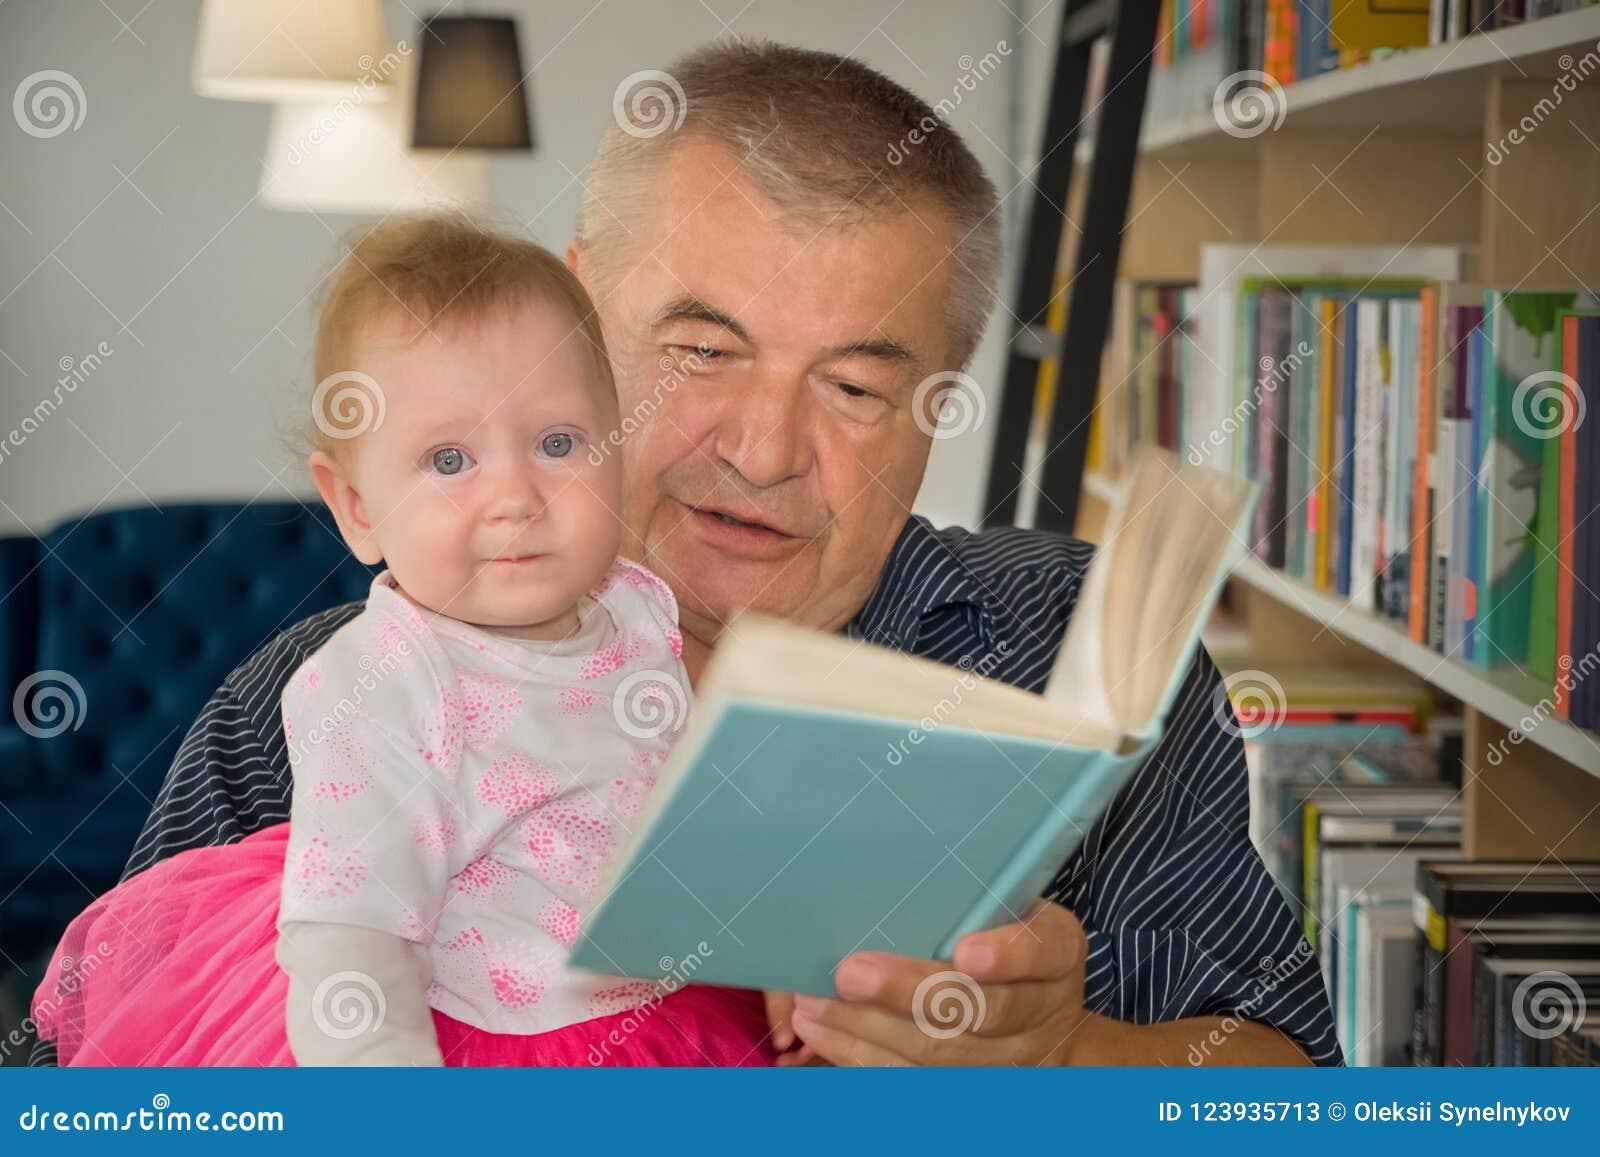 Wissen und Buch Glückliche Familie Wesentliche Werte